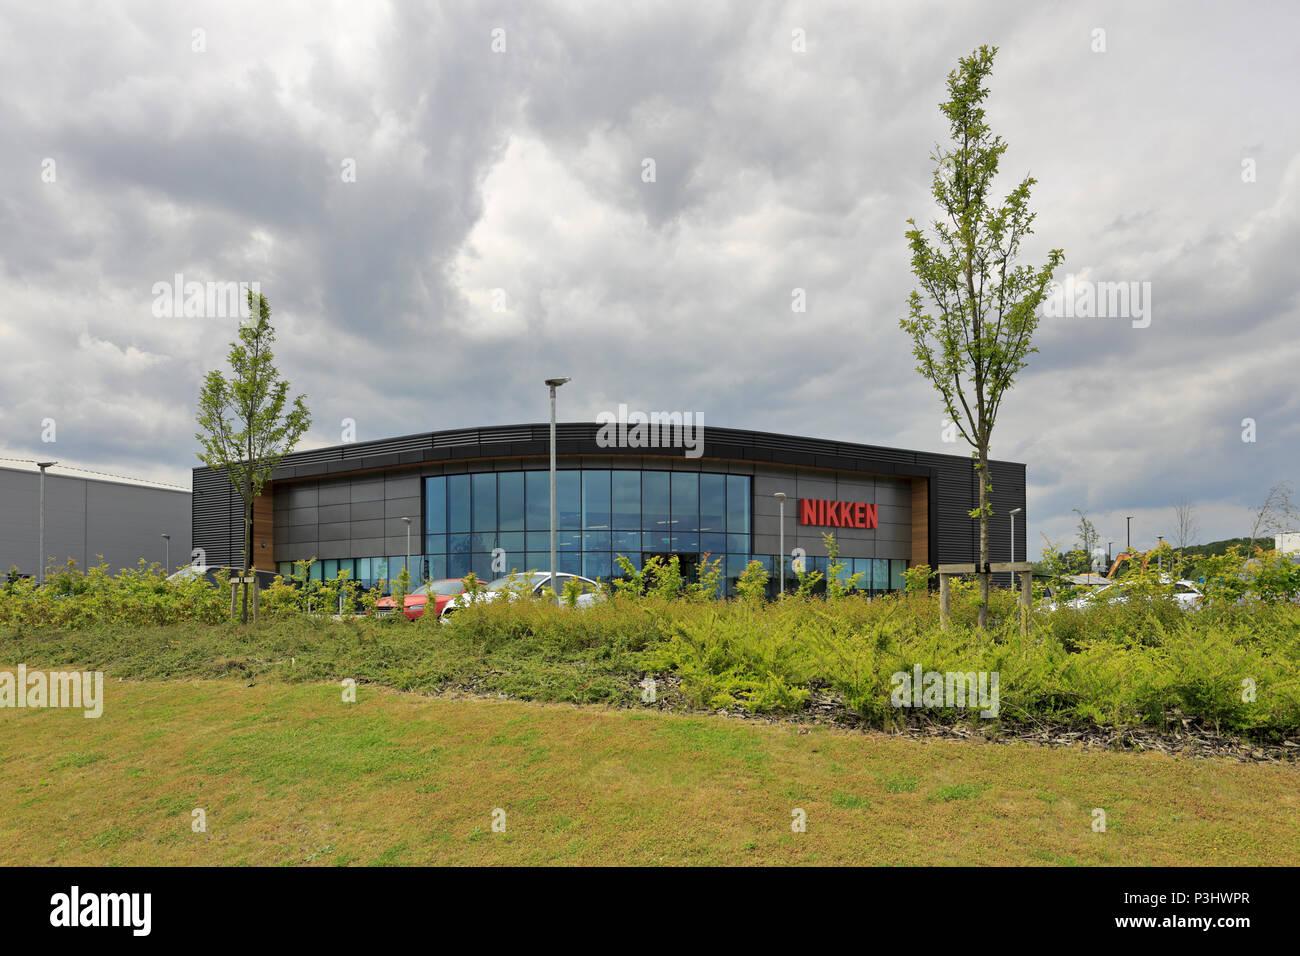 siti di incontri nel South Yorkshire